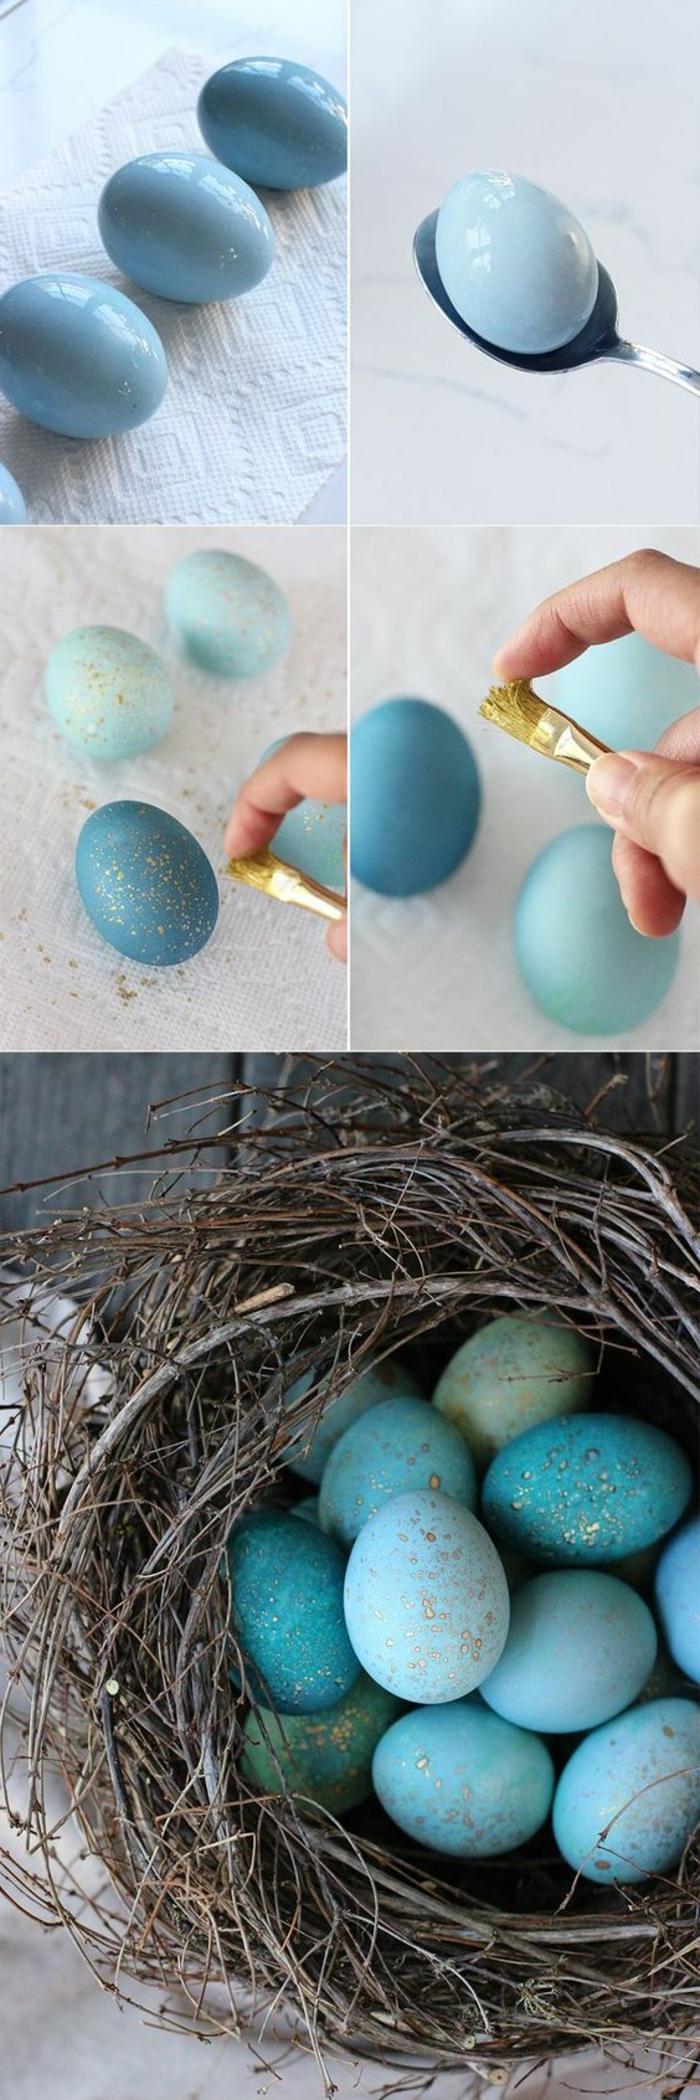 Oeufs de Pâques à décorer oeuf de pâques